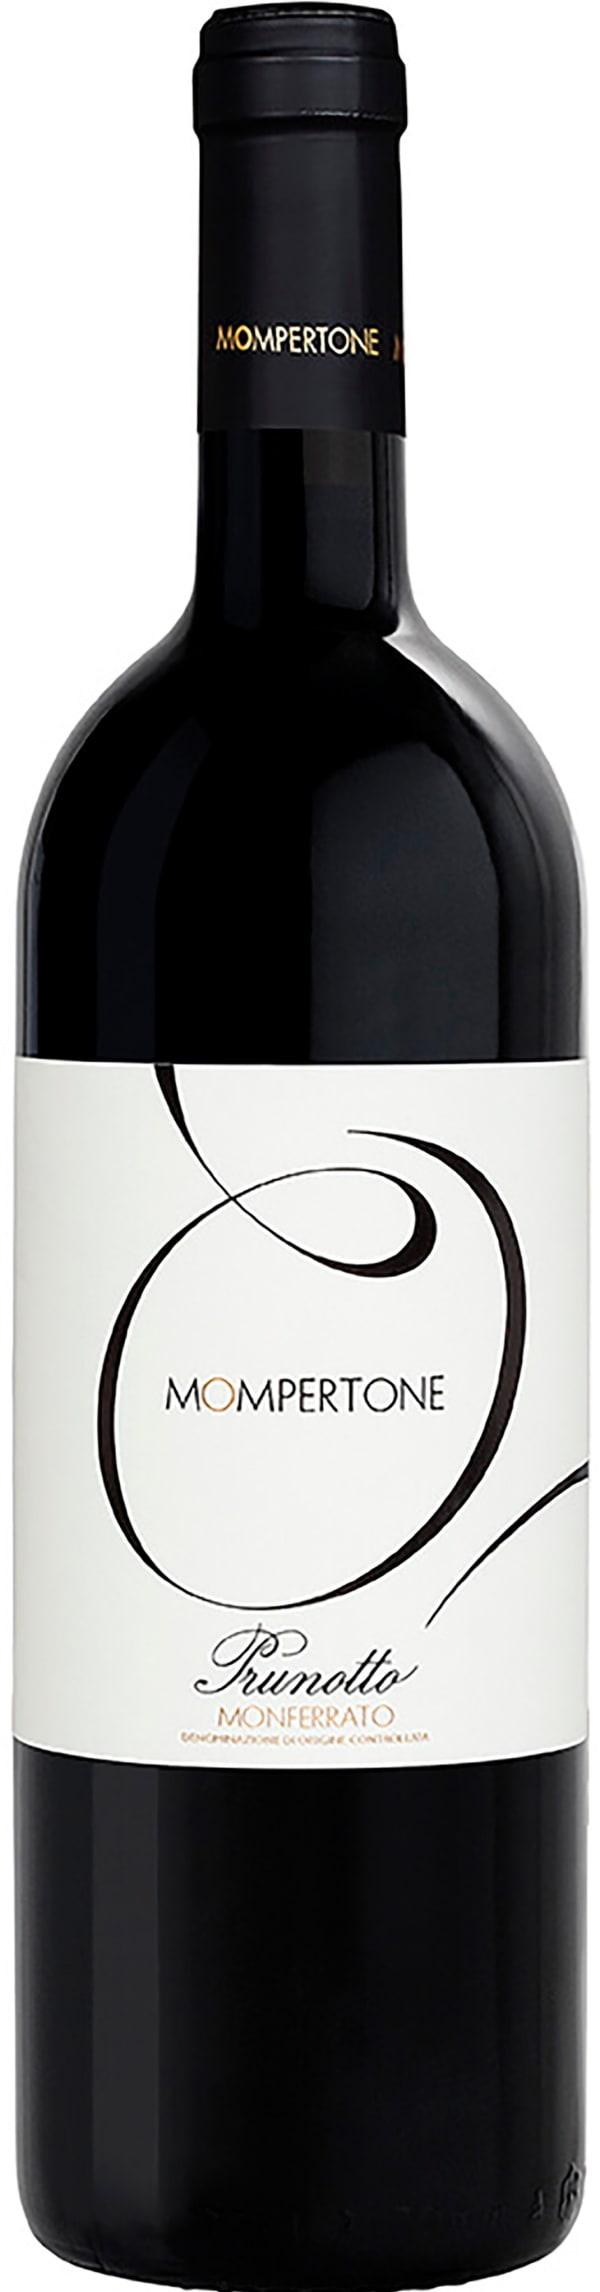 Prunotto Mompertone 2016